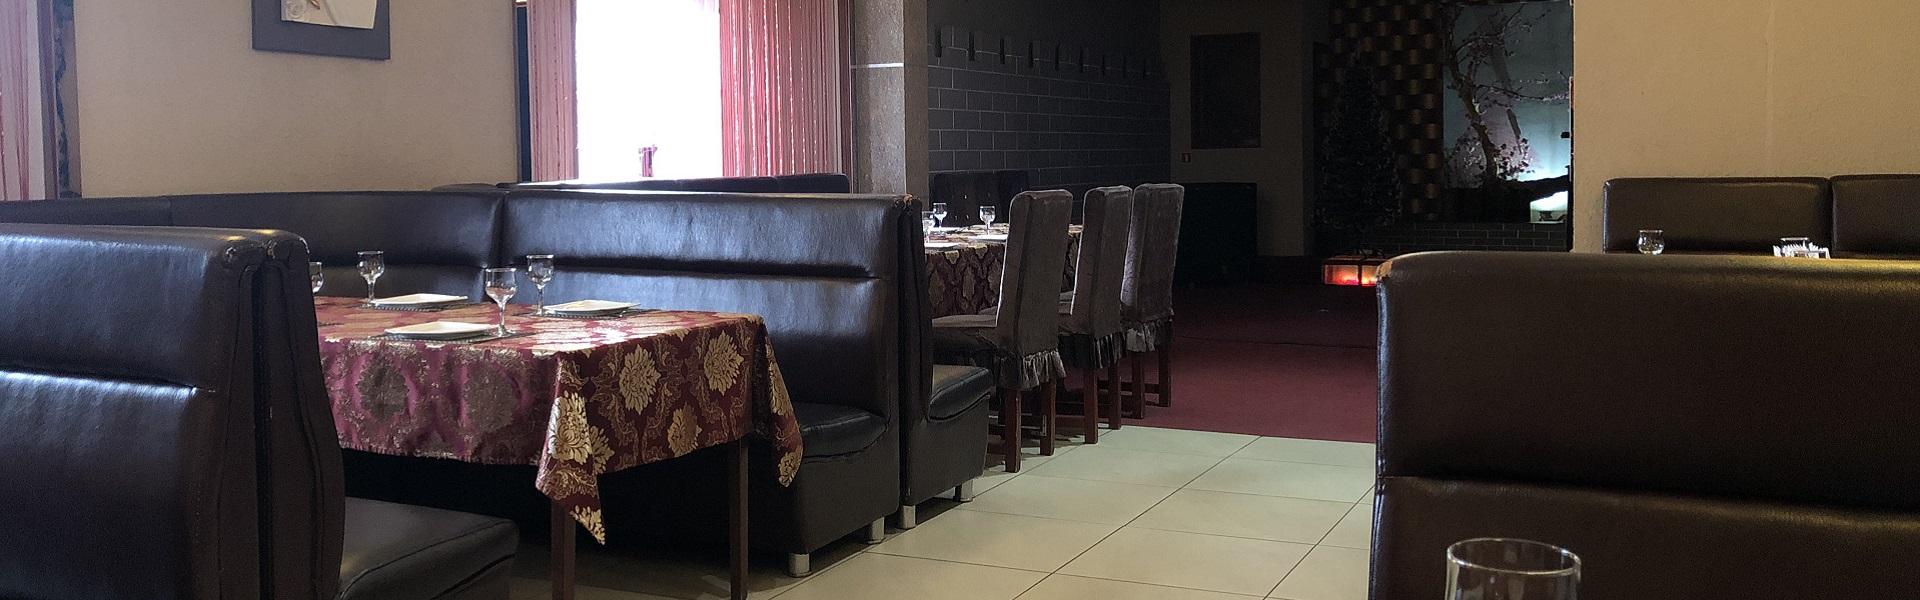 Китайский ресторан «Син Хуа Цун»: остаться в живых